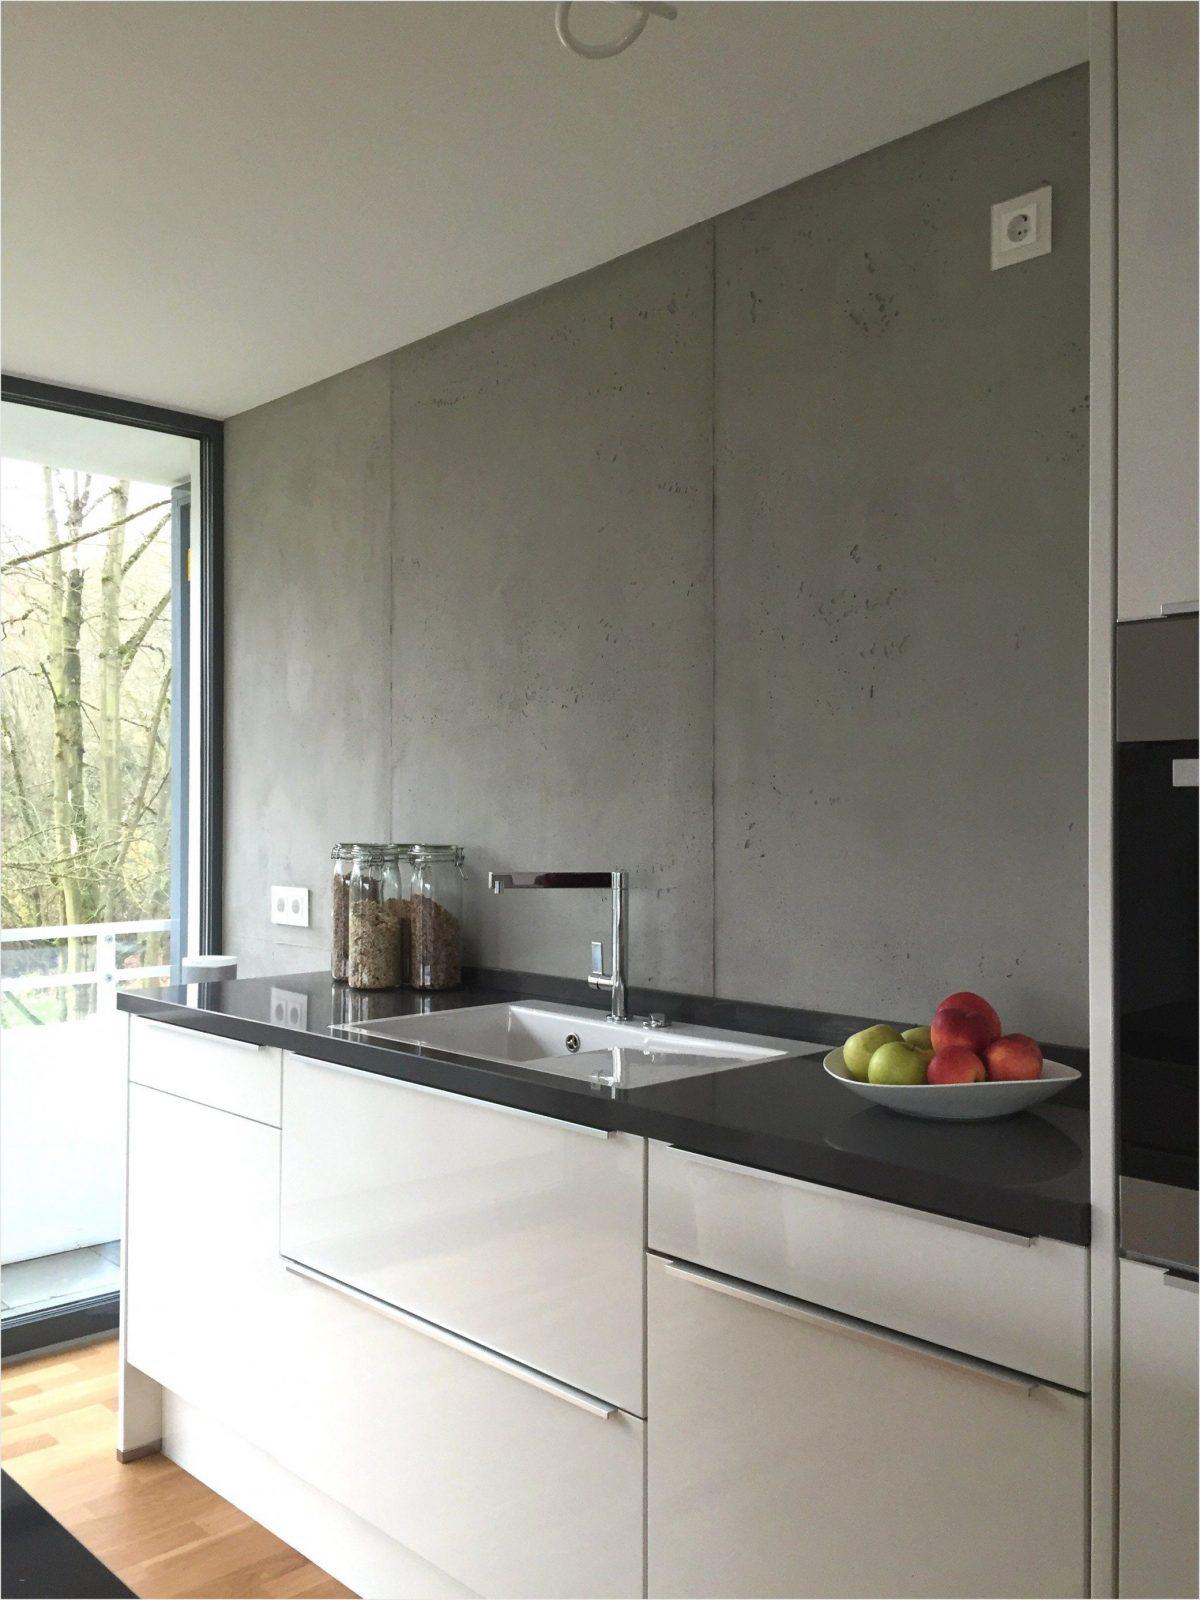 Fliesen Küche Beispiele Wunderbar Beautiful Abwaschbare Tapete Küche von Abwaschbare Tapete Für Küche Bild